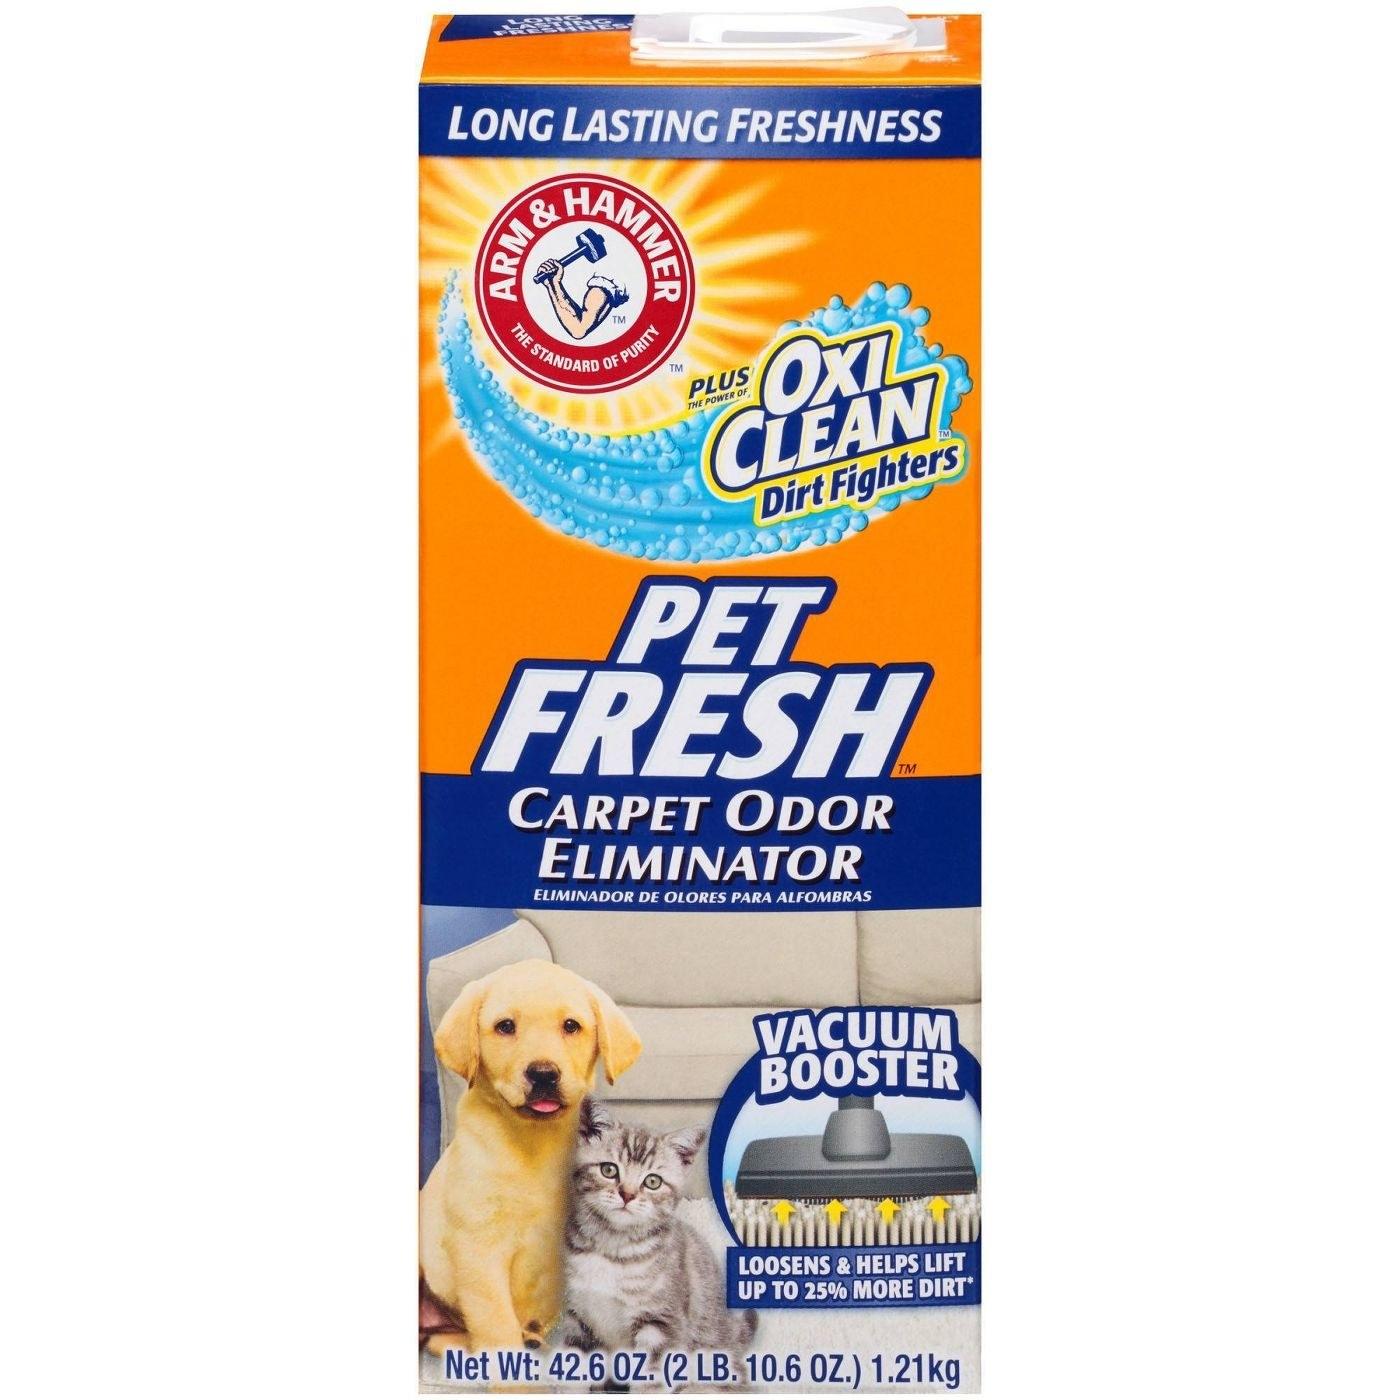 Package of carpet odor eliminator